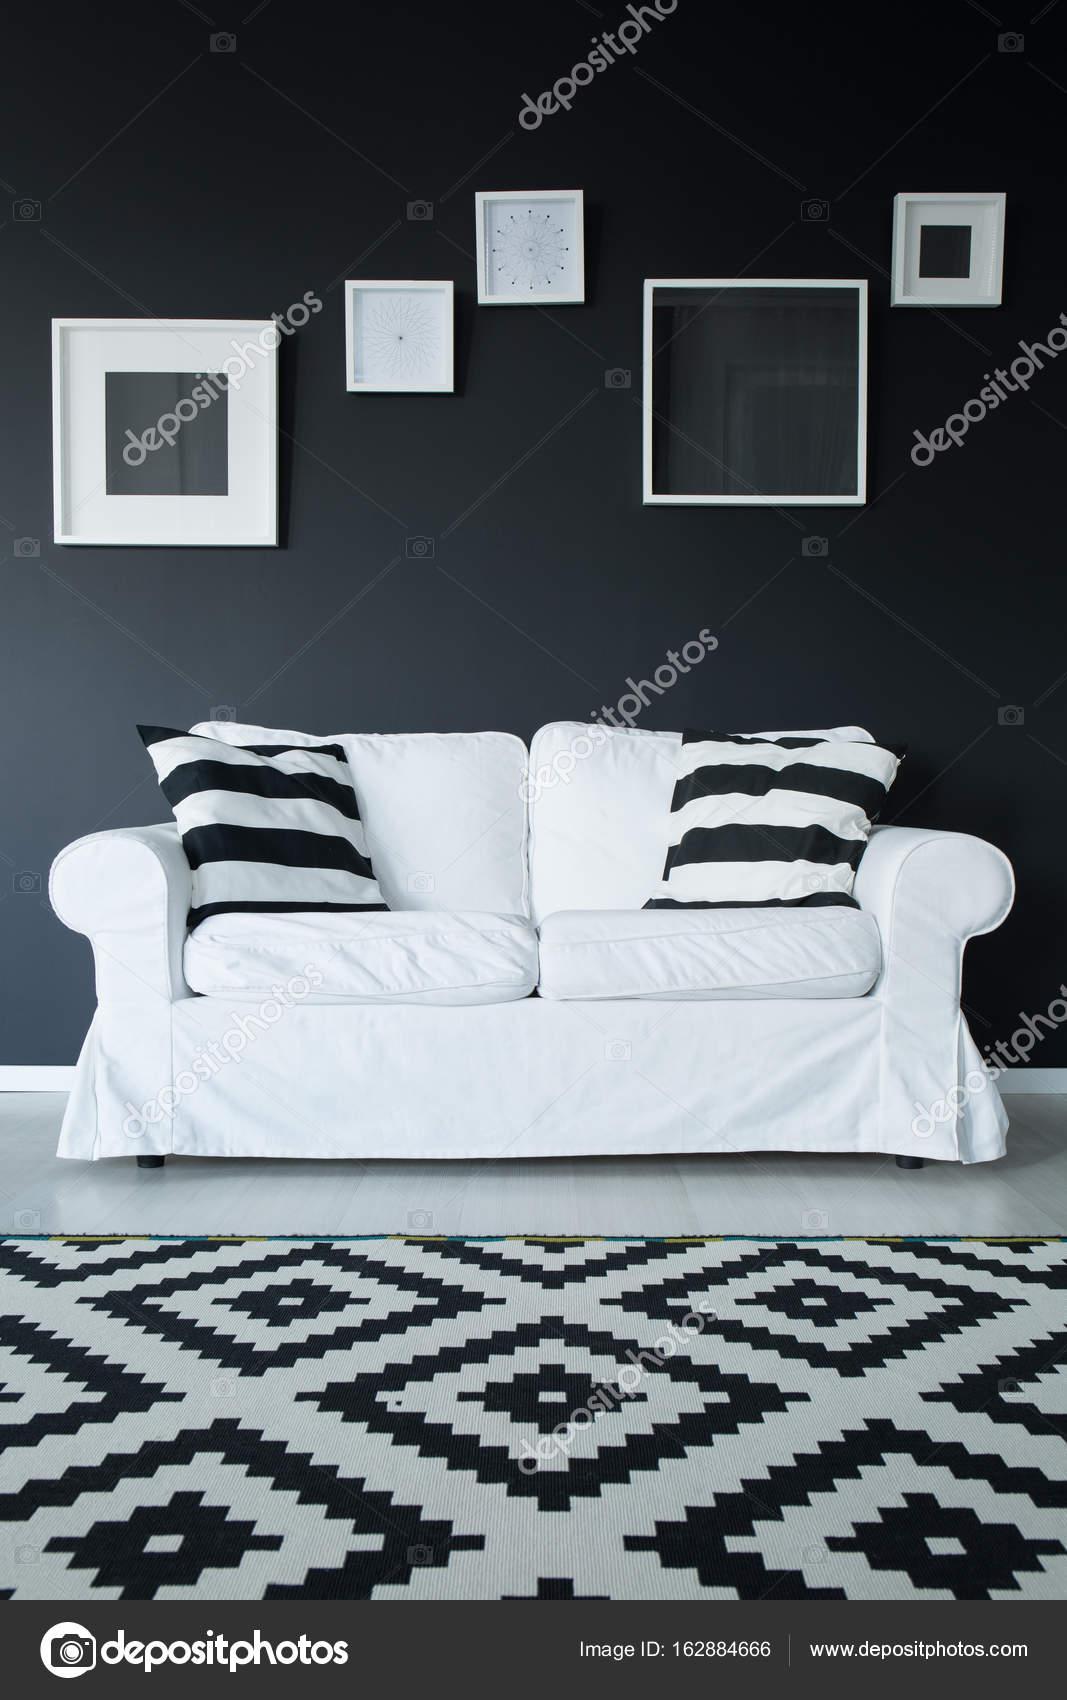 c220906d5cbb28 Gemusterten schwarzen und weißen Teppich auf Panel Boden vor weißen Sofa  mit gestreiften Kissen — Foto von ...